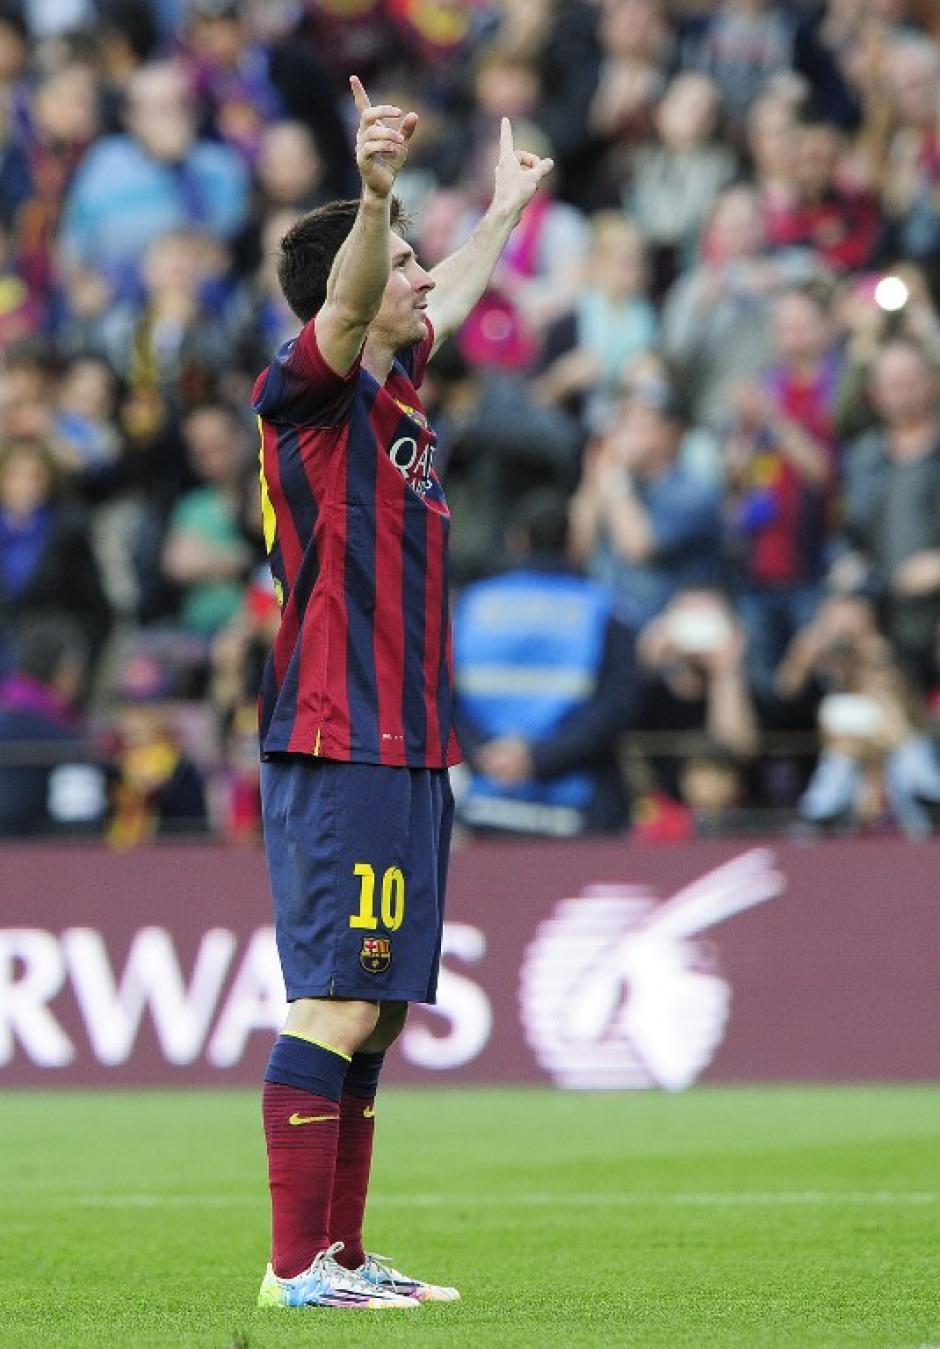 Messi dejó que el público lo homenajeara tras anotar el gol 370, mientras las pantallas del Camp Nou mostraban el récord alcanzado. (Foto: AFP)